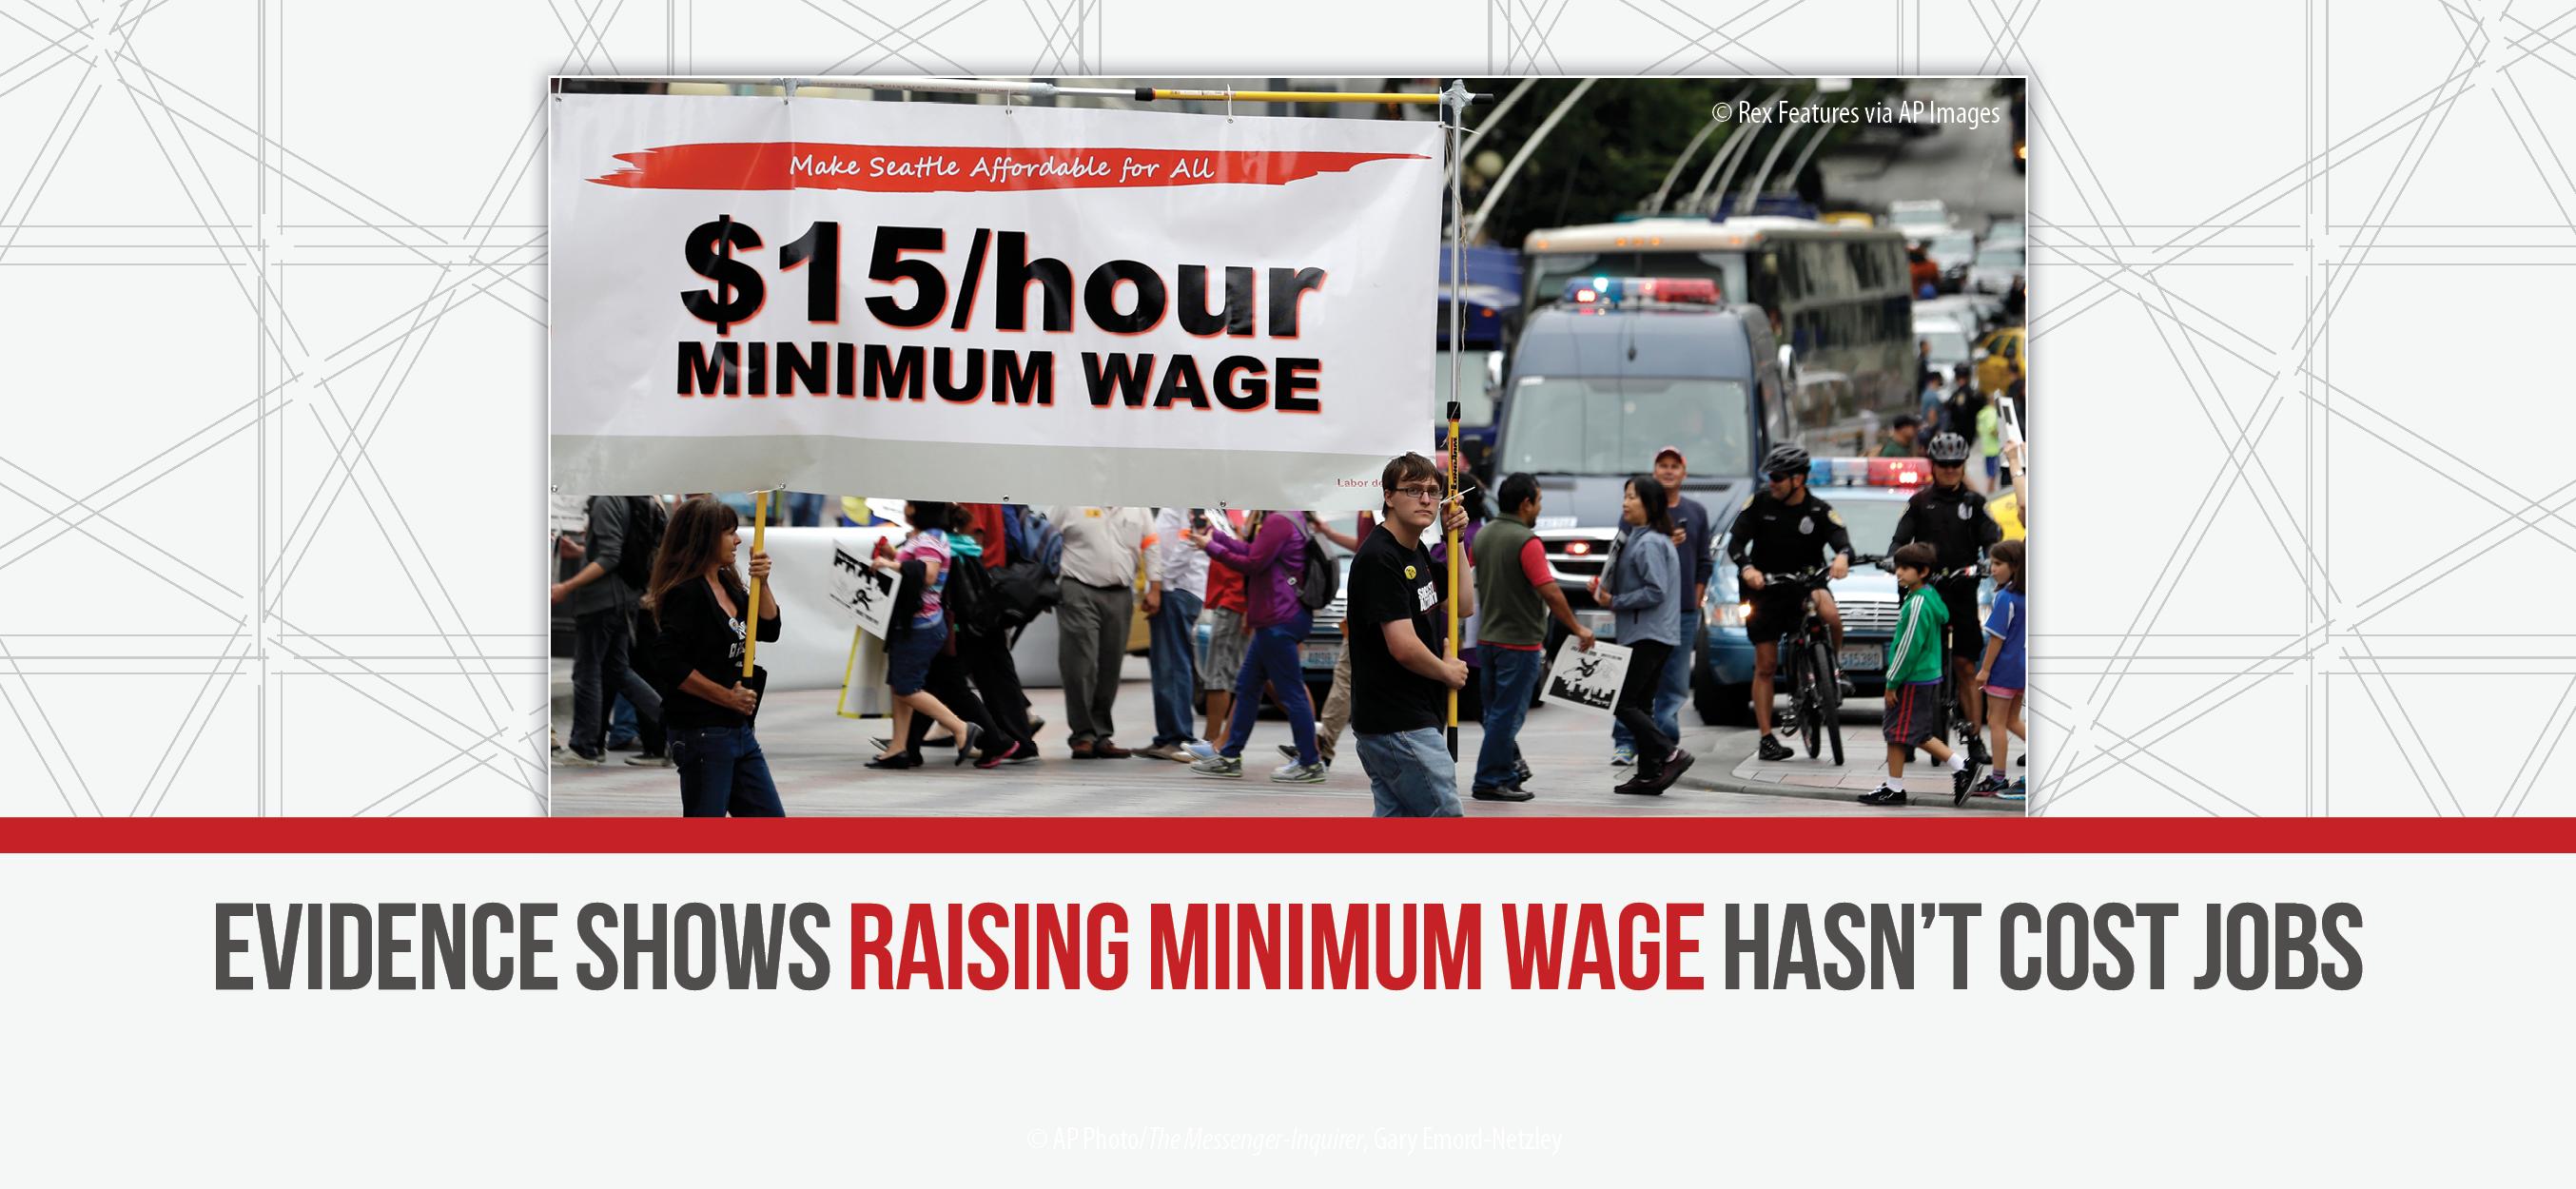 008 2014 Mar Apr Images5 Essay Example Minimum Impressive Wage Persuasive Topics Contest Outline Full